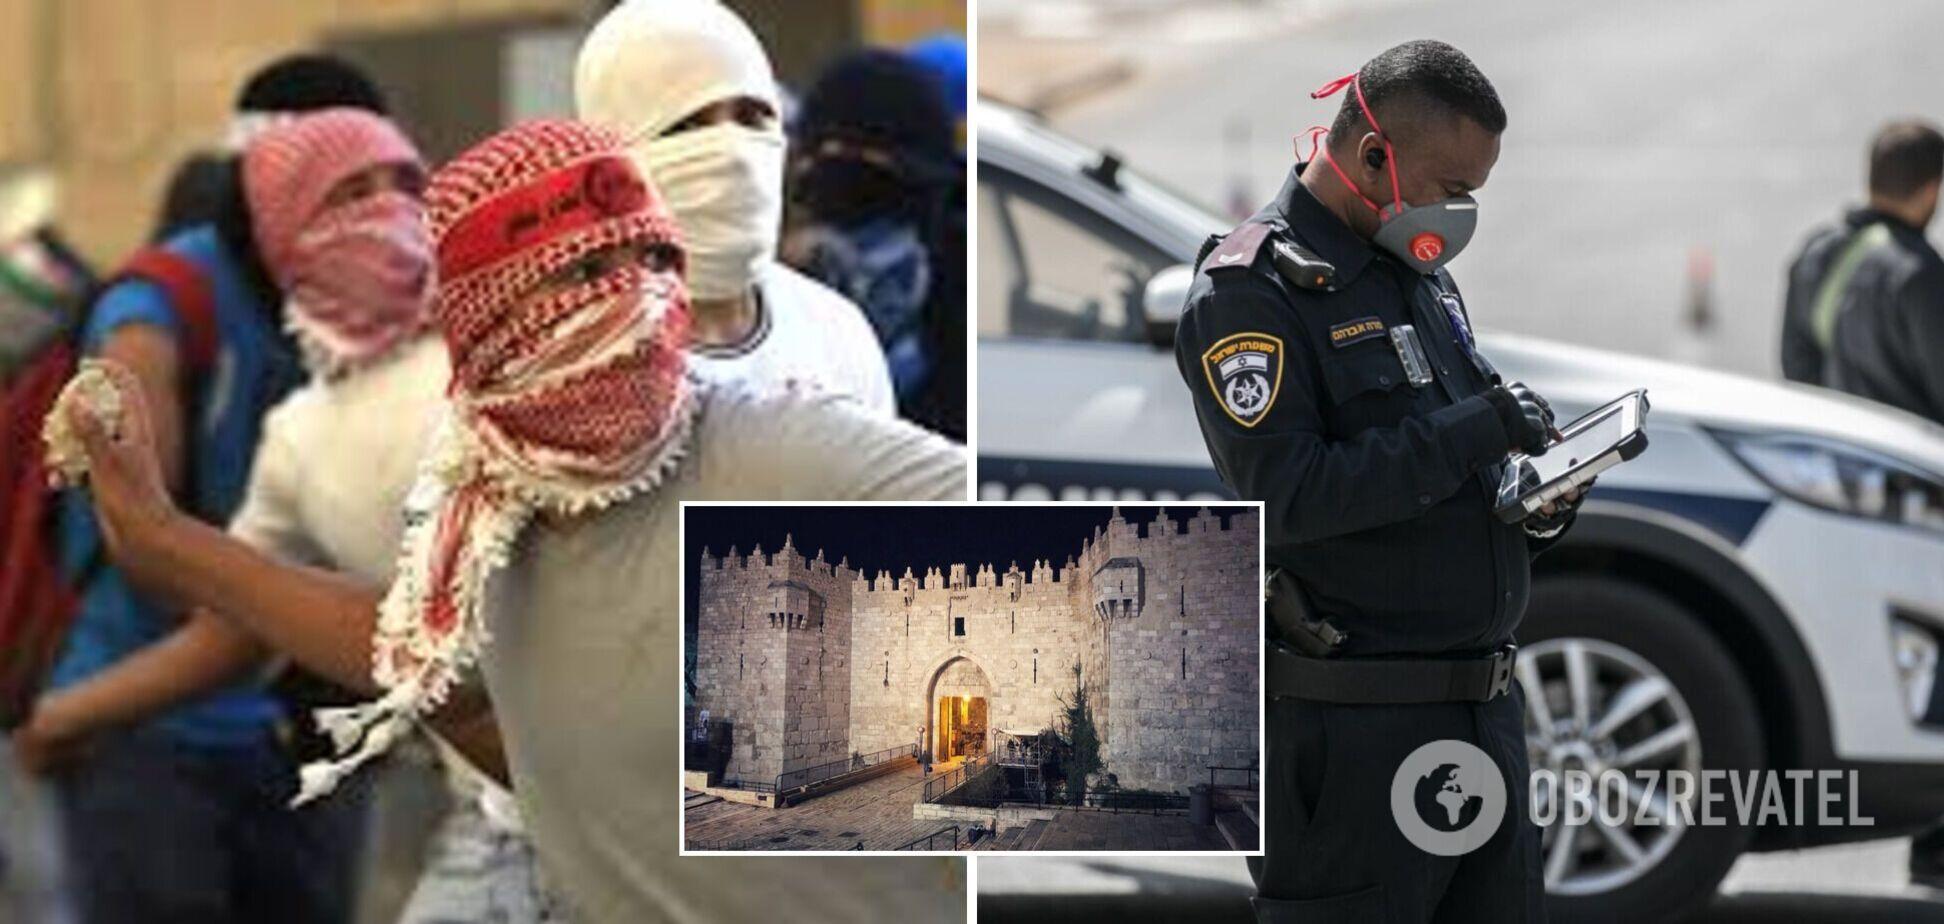 У Єрусалимі відбулися нові зіткнення біля Храмової гори, серед постраждалих немовля